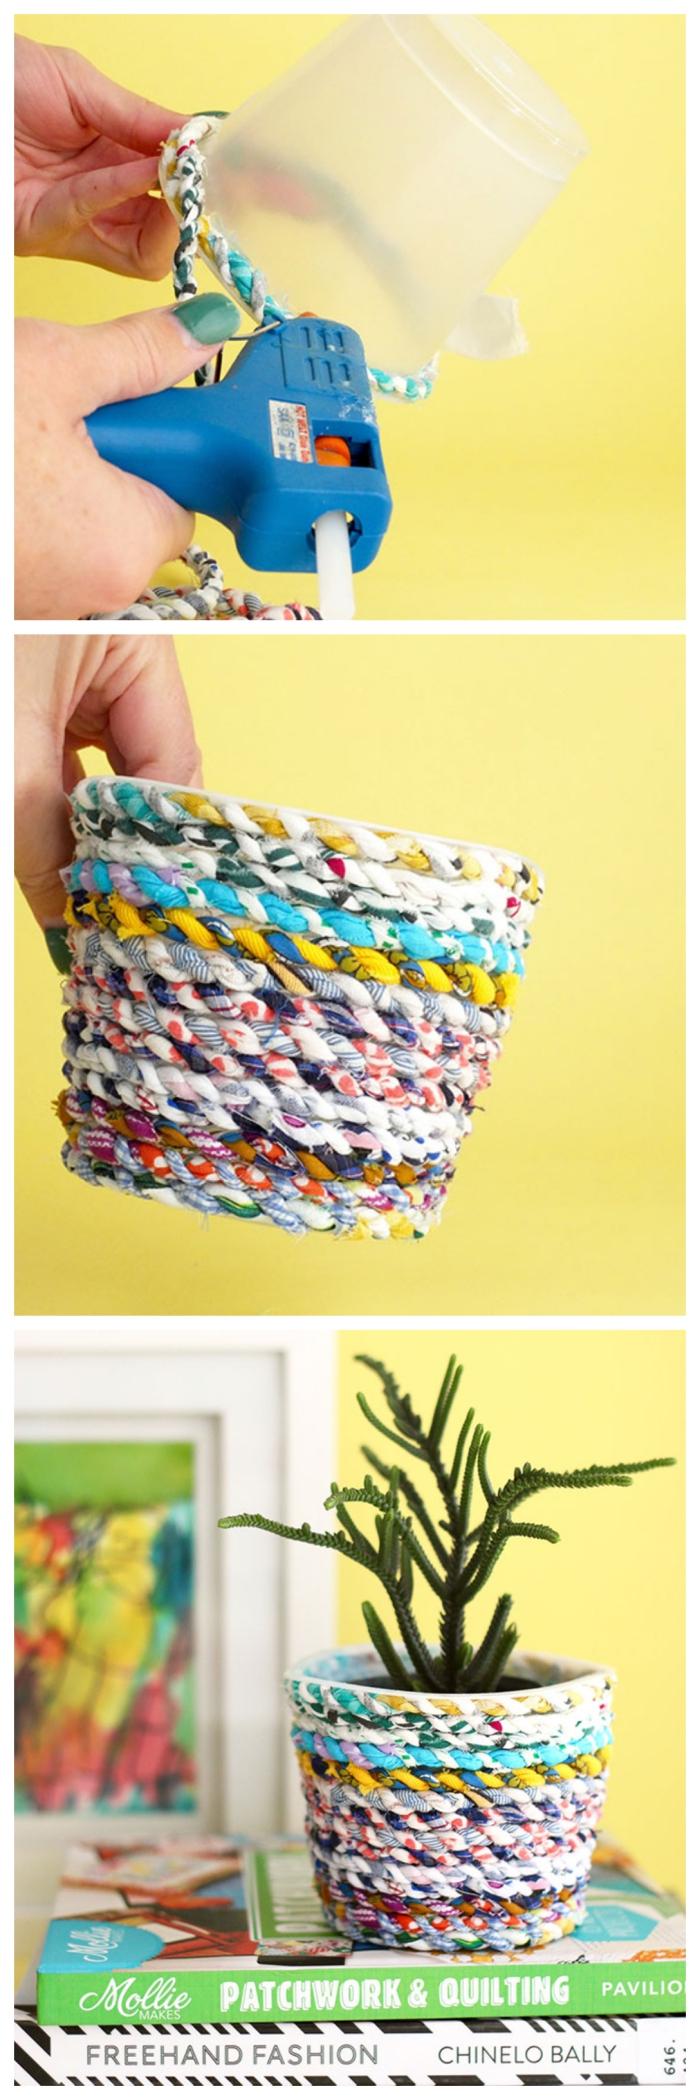 idee deco recuo avec un pot en plastique habillé de tissu recyclé, bricolage facile avec des matériaux recyclés